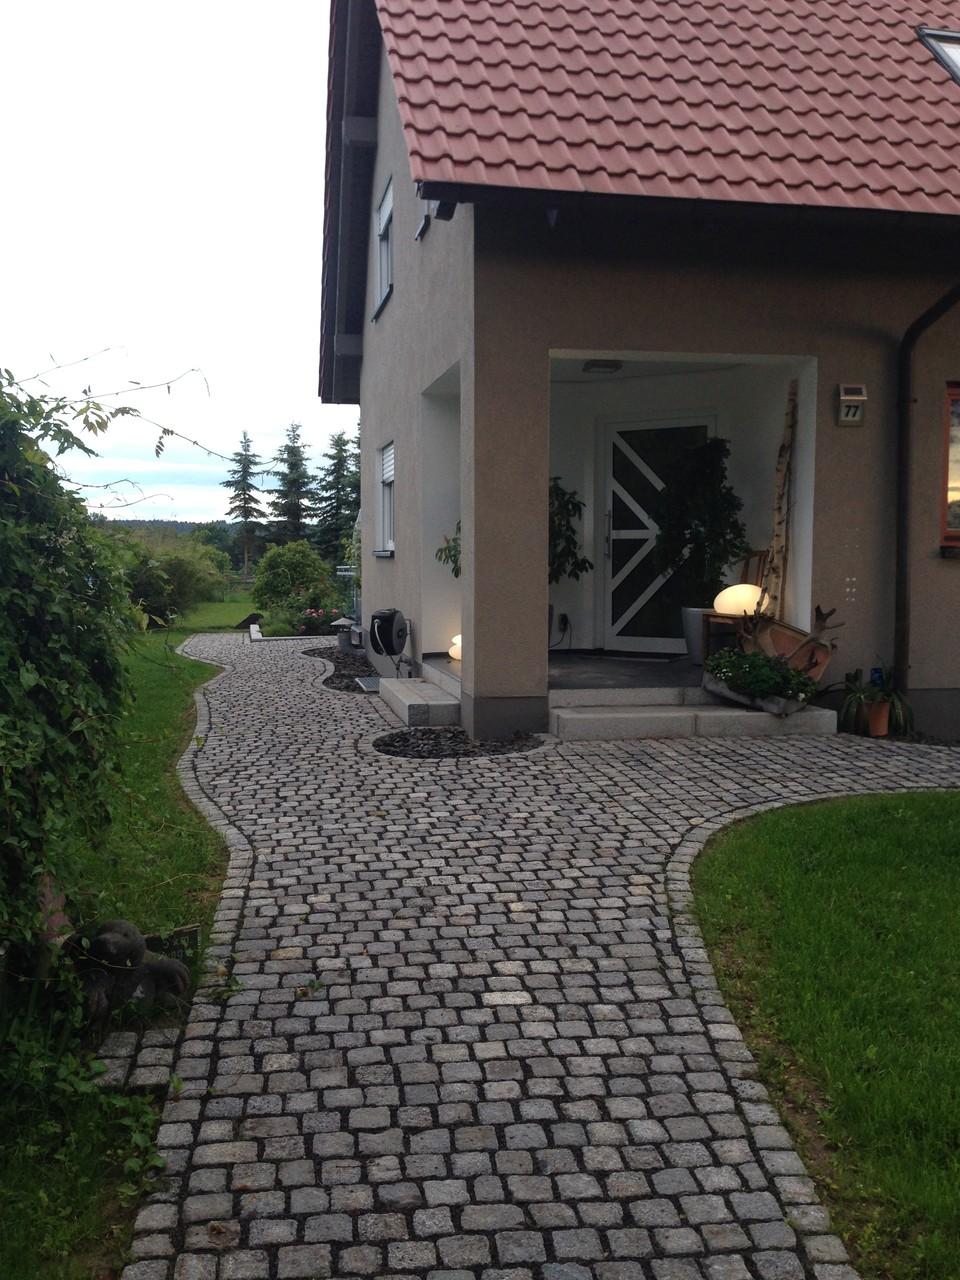 Pflasterarbeiten mit Granit-Kleinpflaster in Reihenverlegung